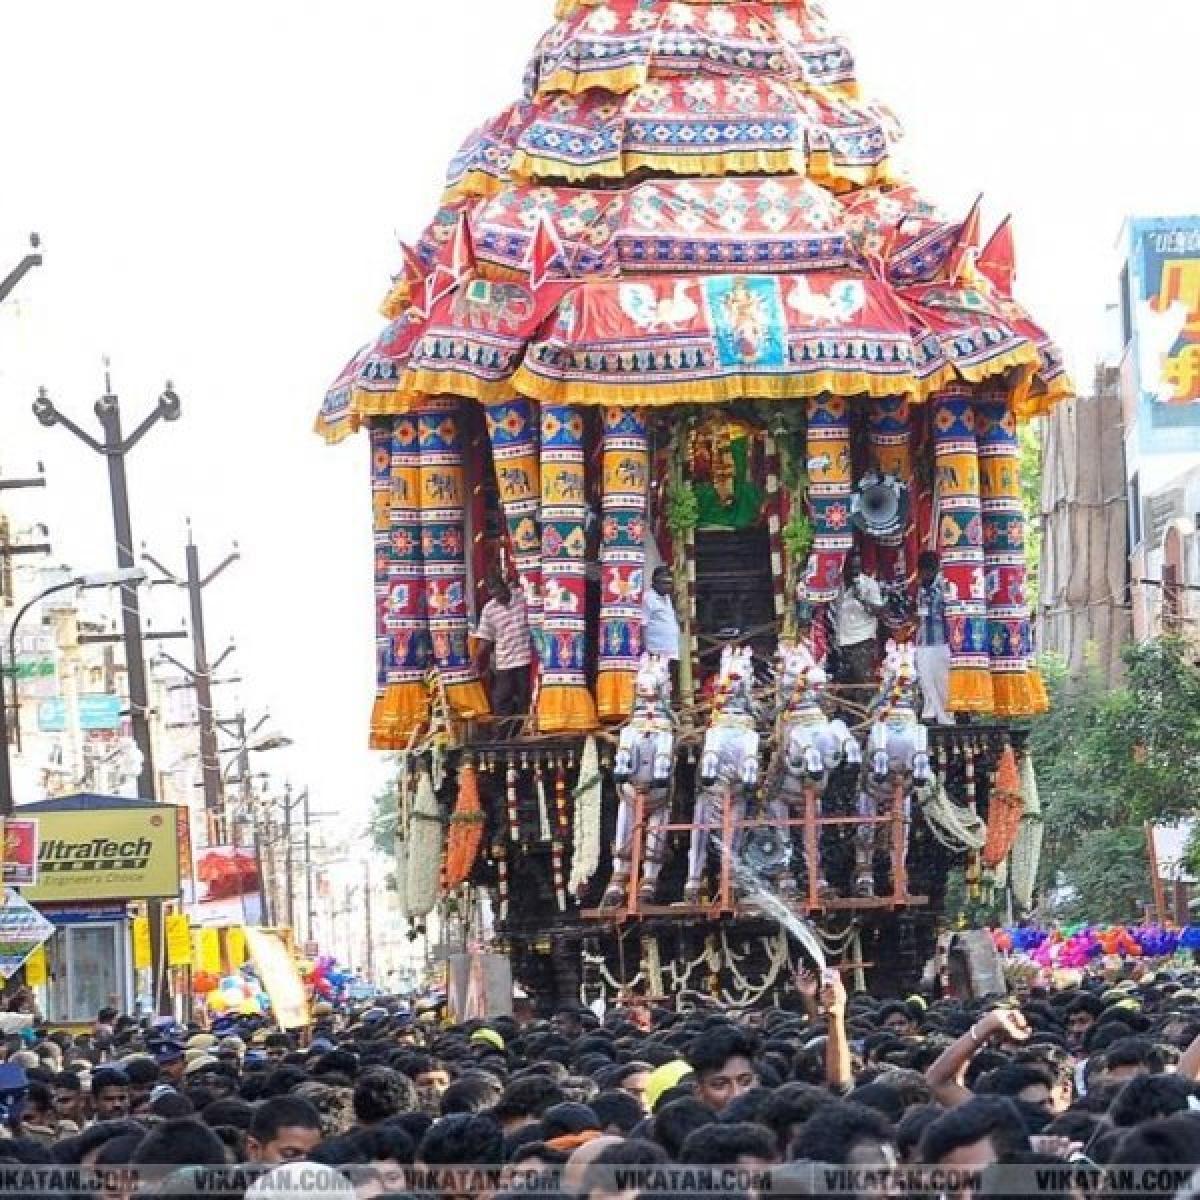 மதுரை மீனாட்சியம்மன் பற்றி நீங்கள் அறிந்திராத 35 அபூர்வத் தகவல்கள்! #MaduraiChithiraiFestival